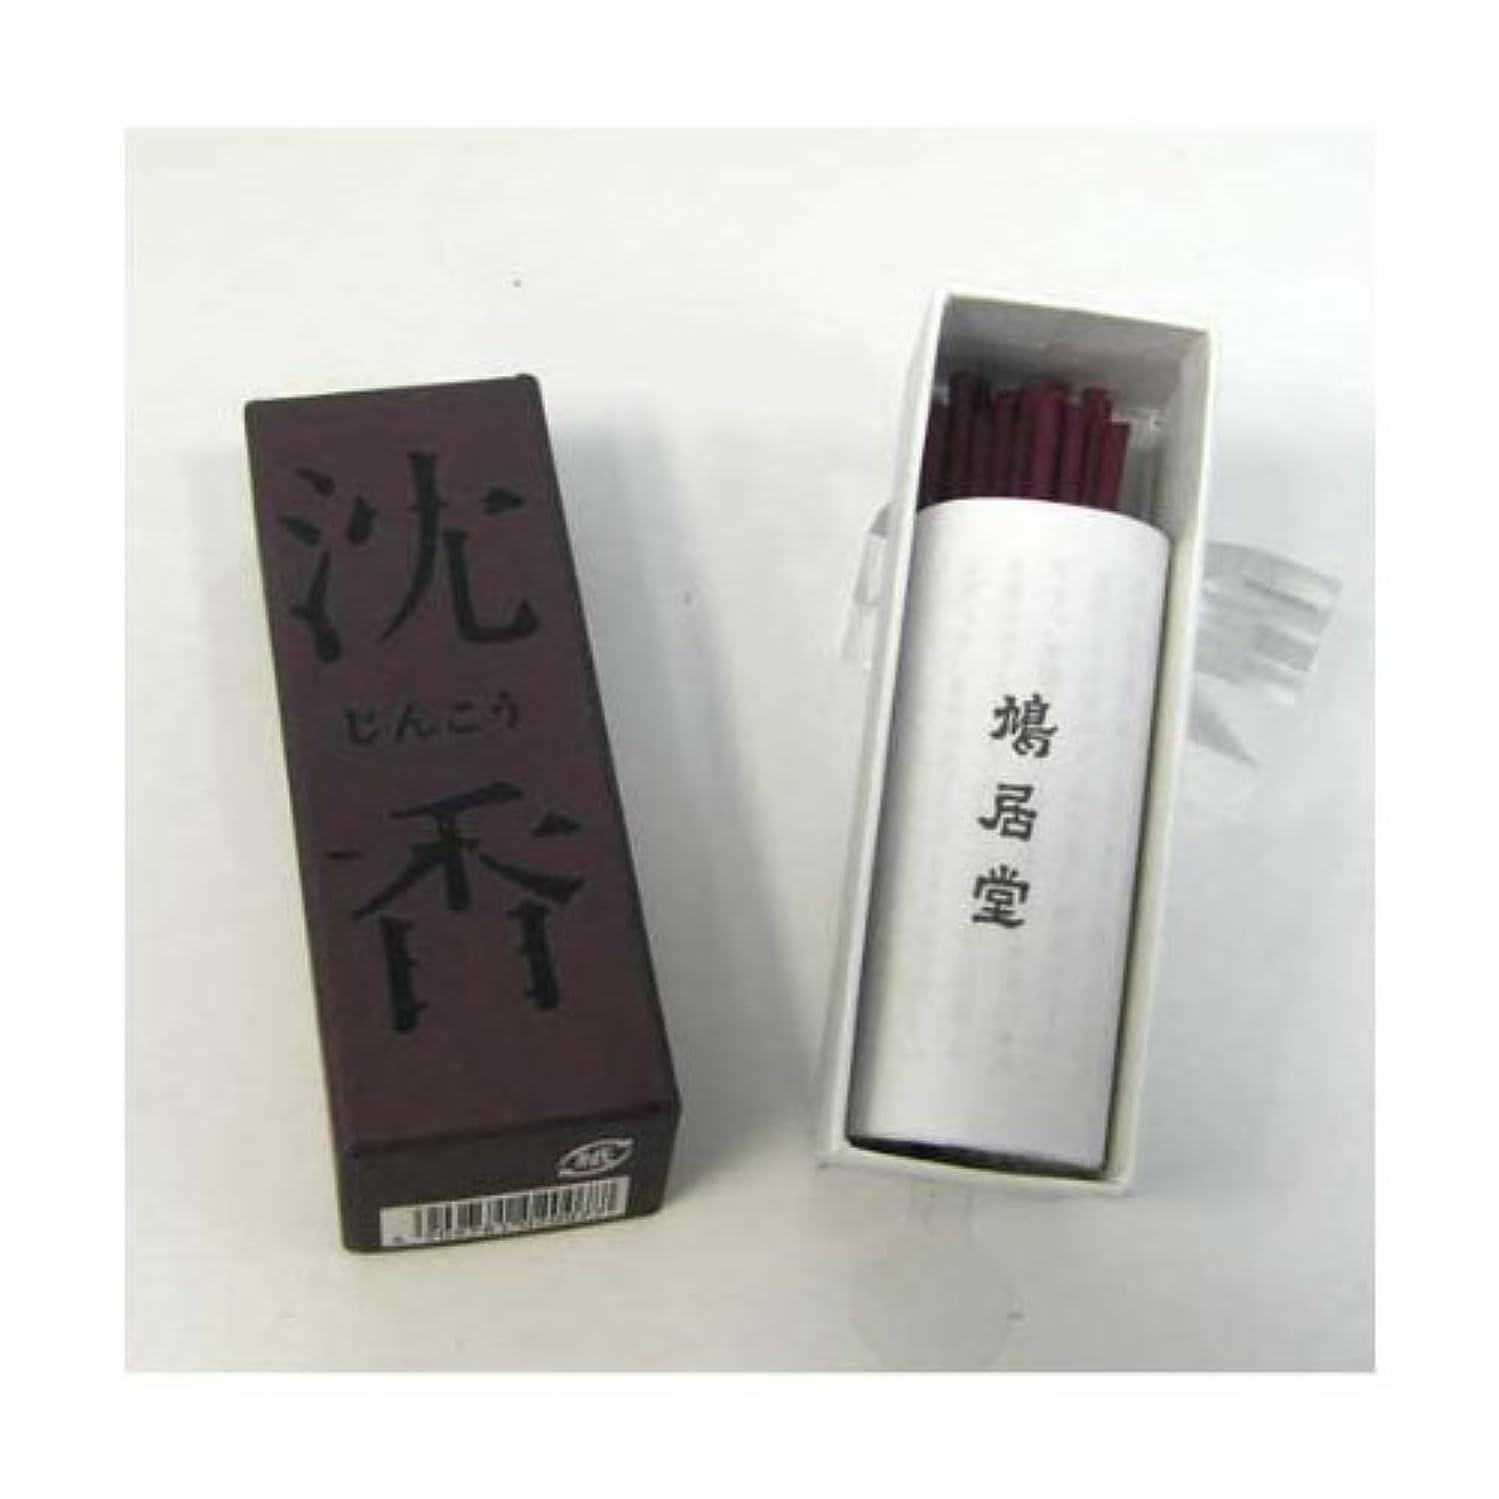 シャイニング超音速非効率的な鳩居堂 お香 沈香 香木の香りシリーズ スティックタイプ(棒状香)20本いり